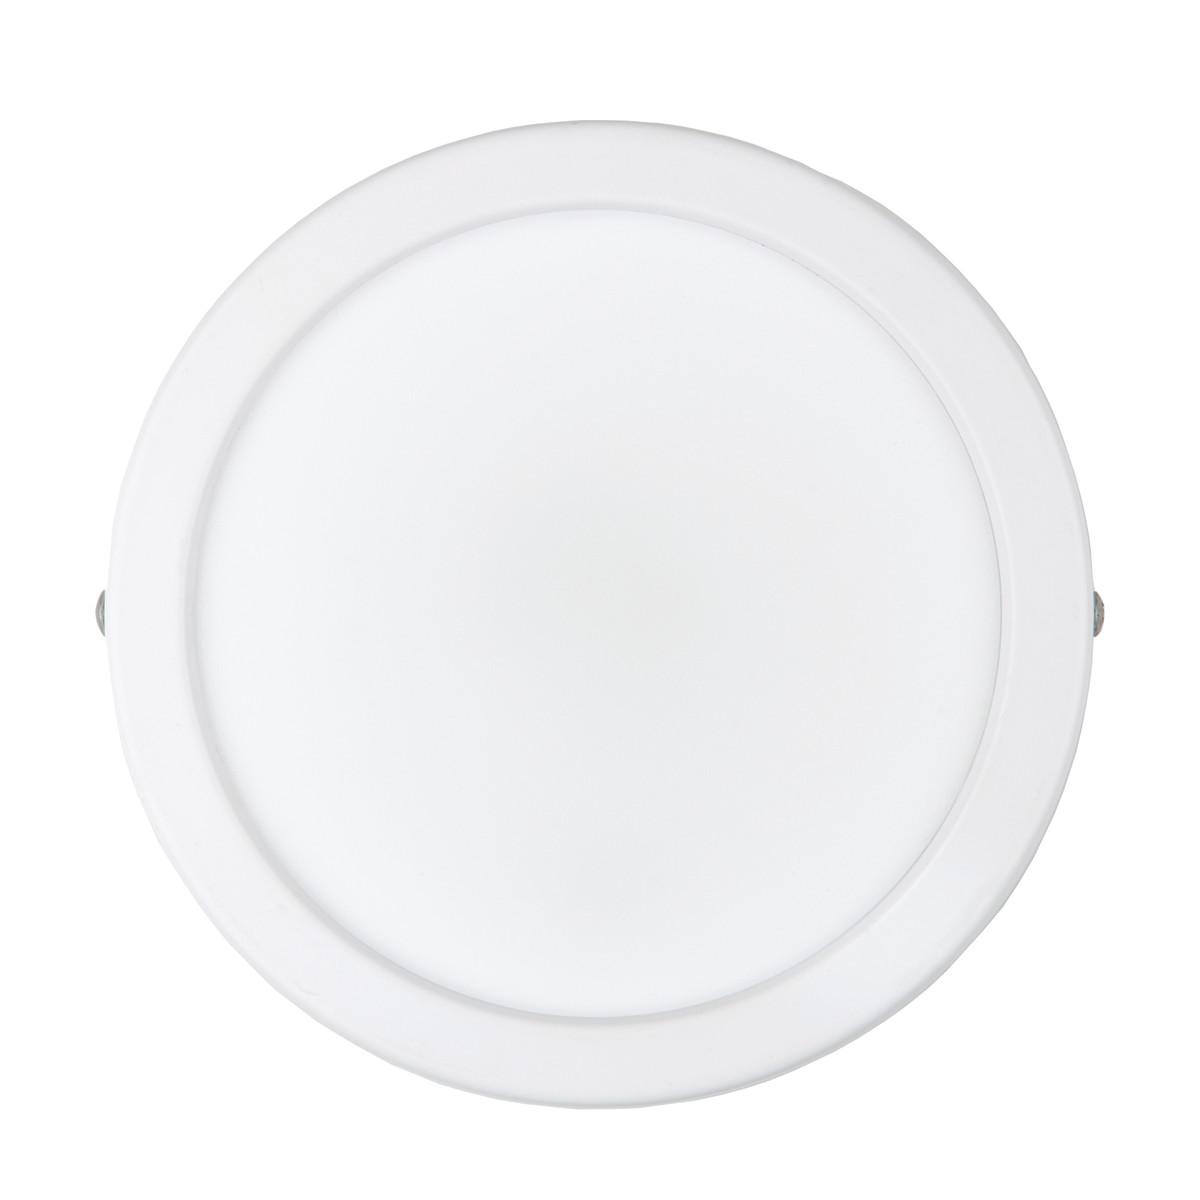 Светильник ЖКХ светодиодный Volpe 18 Вт IP40 накладной цвет белый